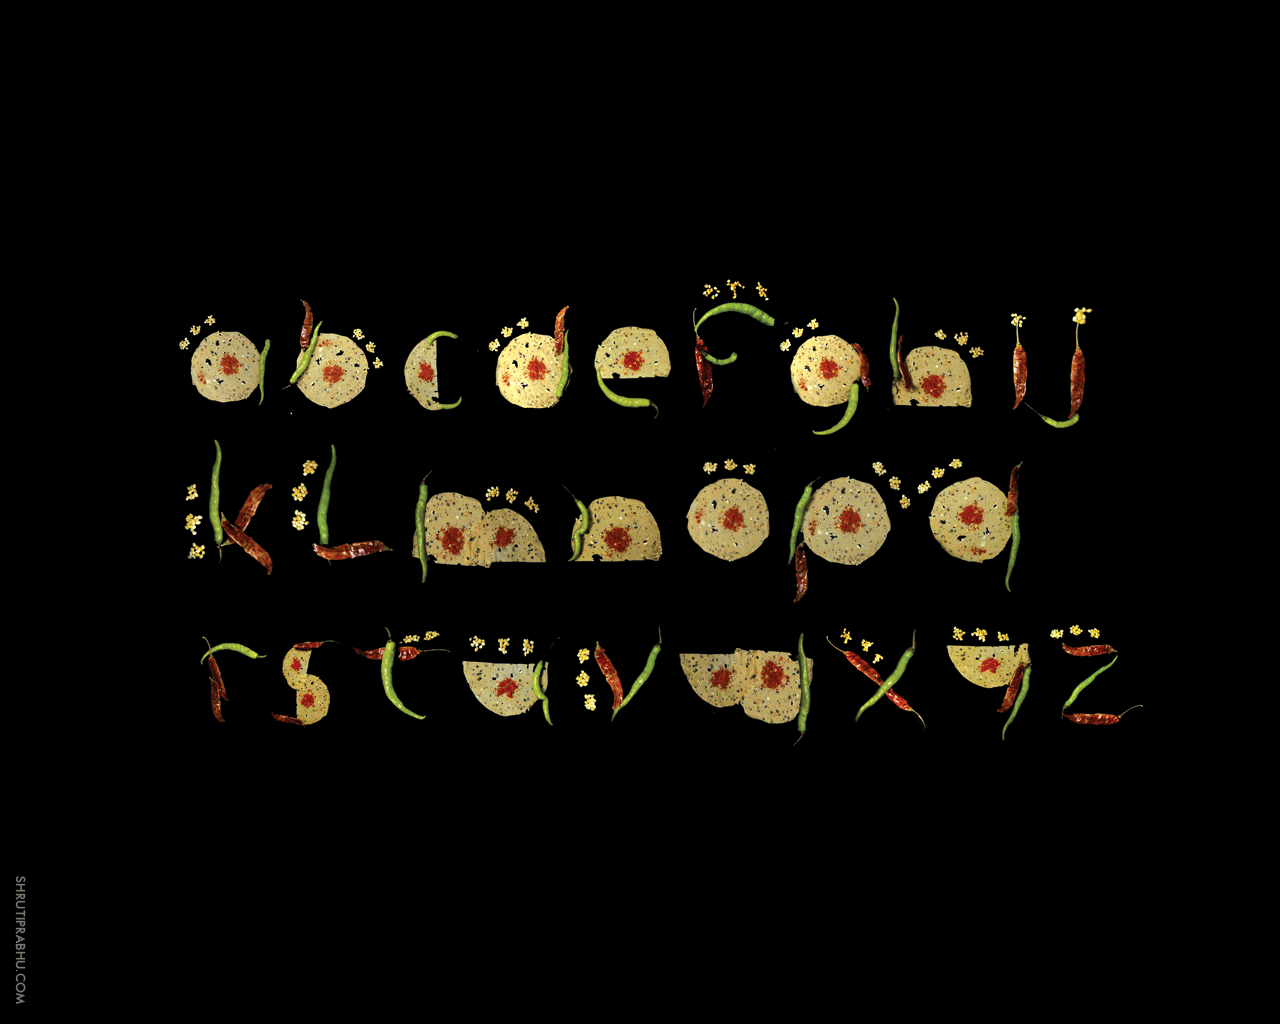 https://shrutiprabhu.com/wp-content/uploads/2020/02/shrutiprabhu_food_font_web_2.png